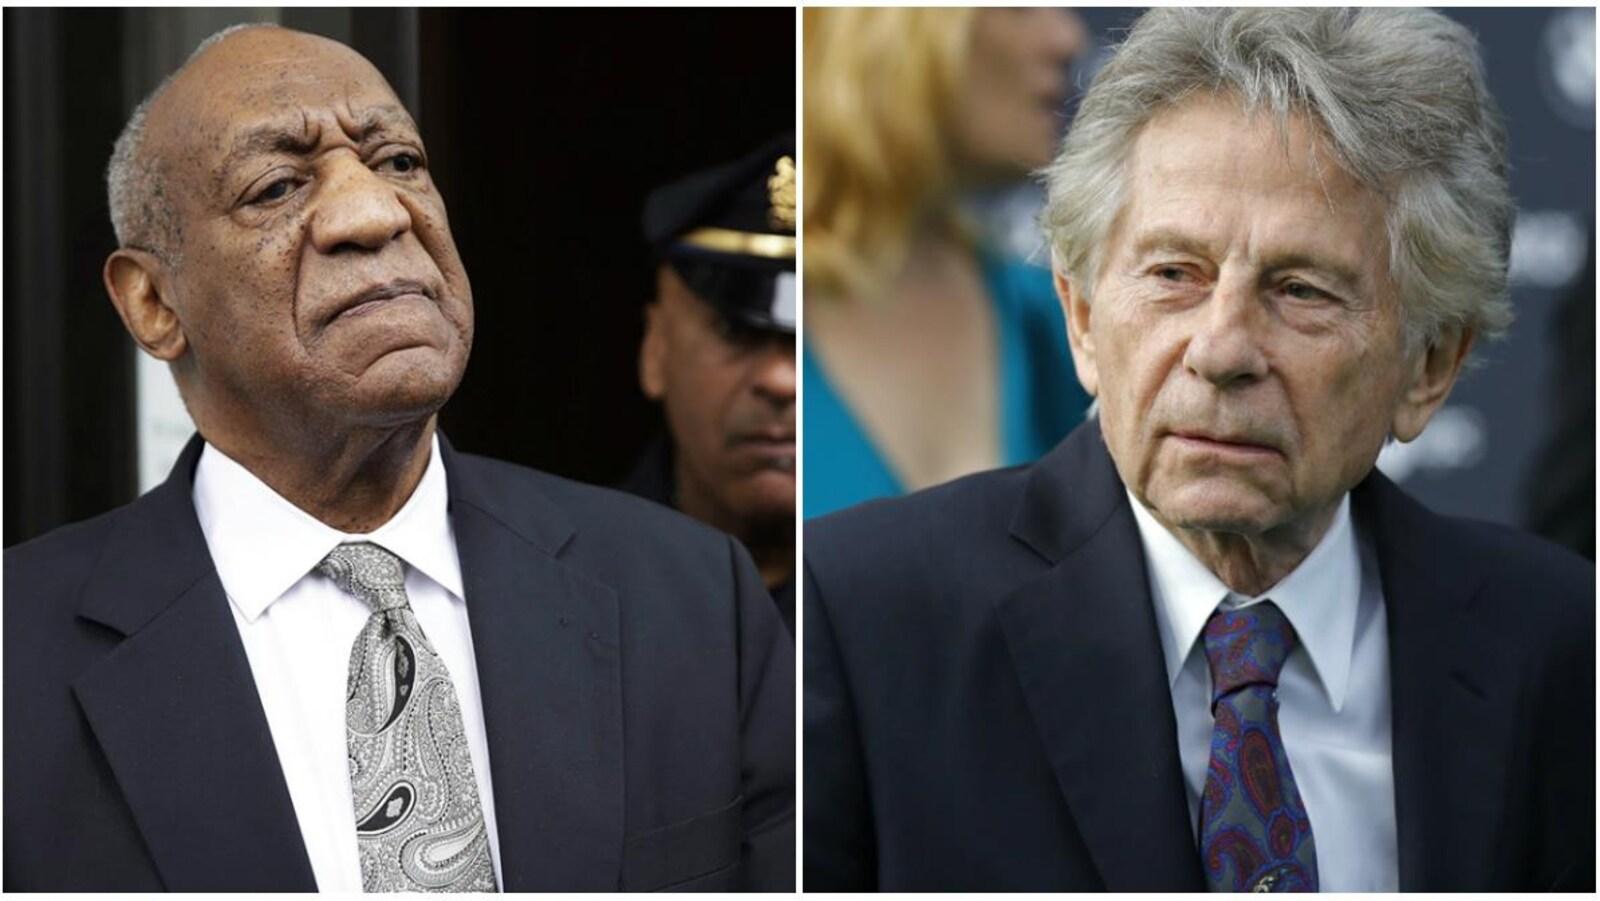 L'acteur Bill Cosby et le réalisateur Roman Polanski ont été croqué par des photographes de presse en sortant d'un événement, à des dates différentes.